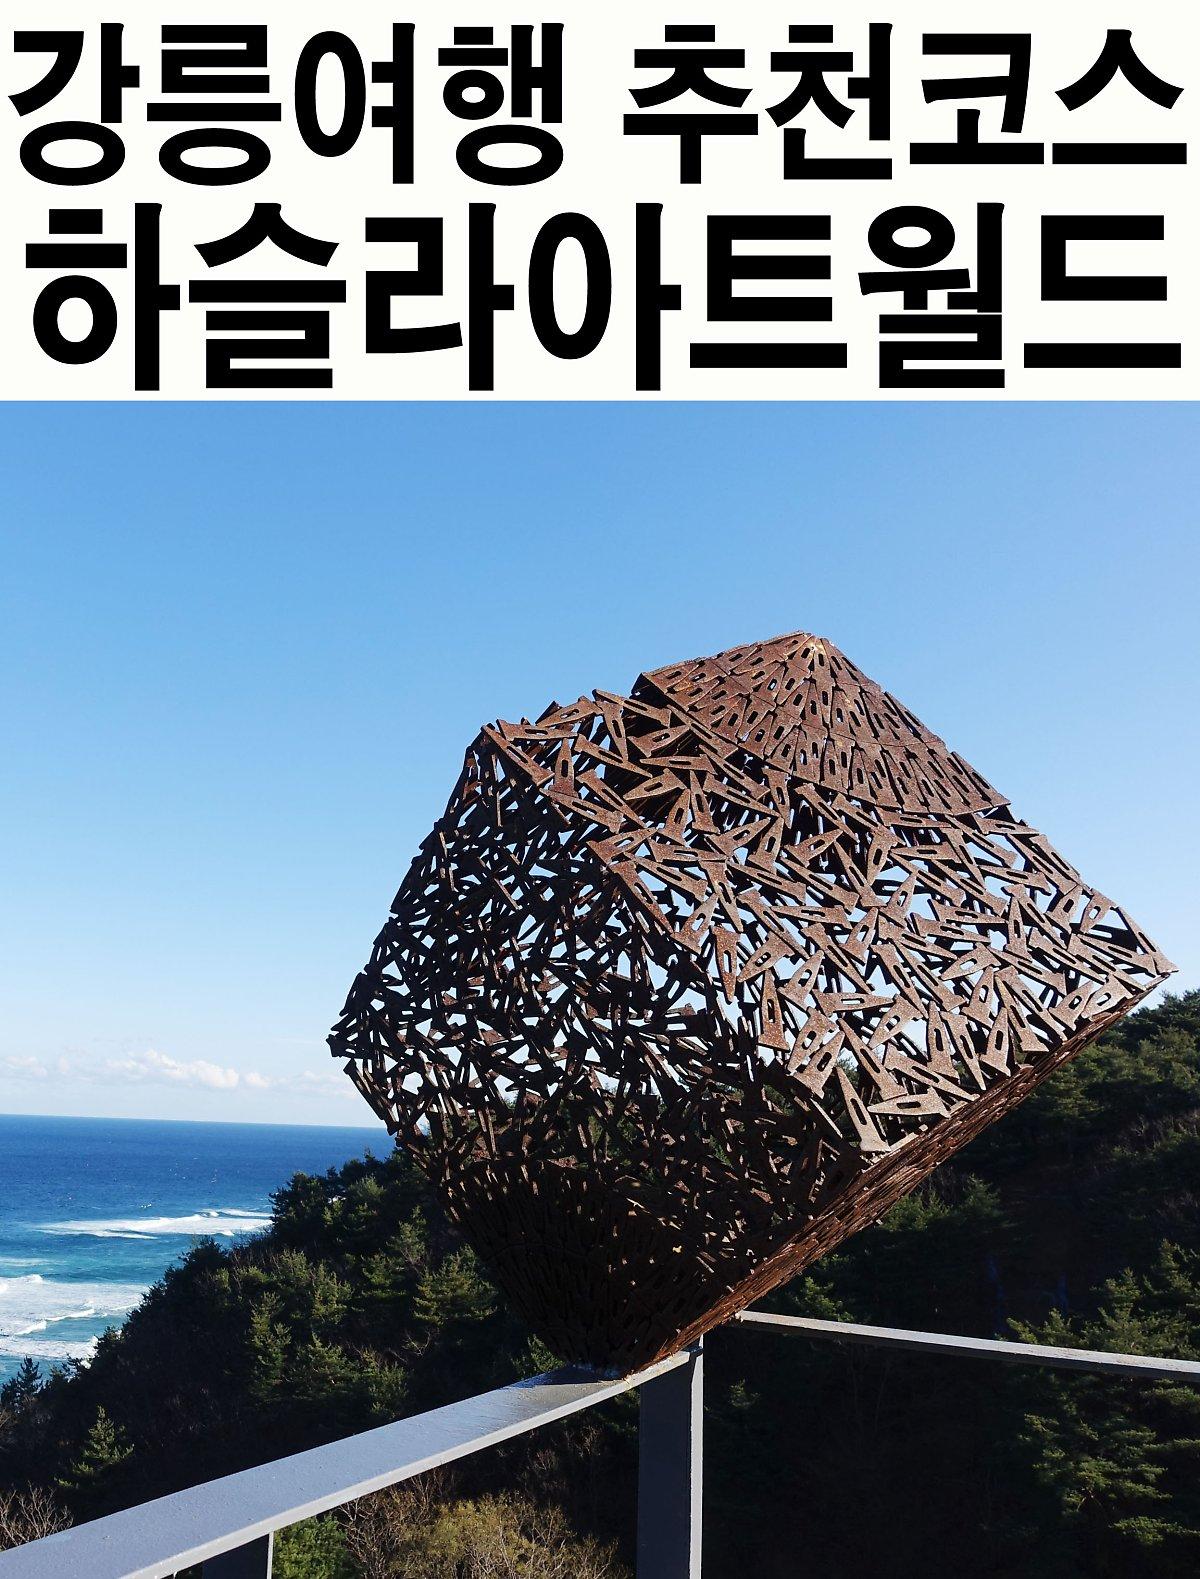 강릉여행일정 코스 가볼만한곳 / 하슬라아트월드 미술관  네이버 포스트